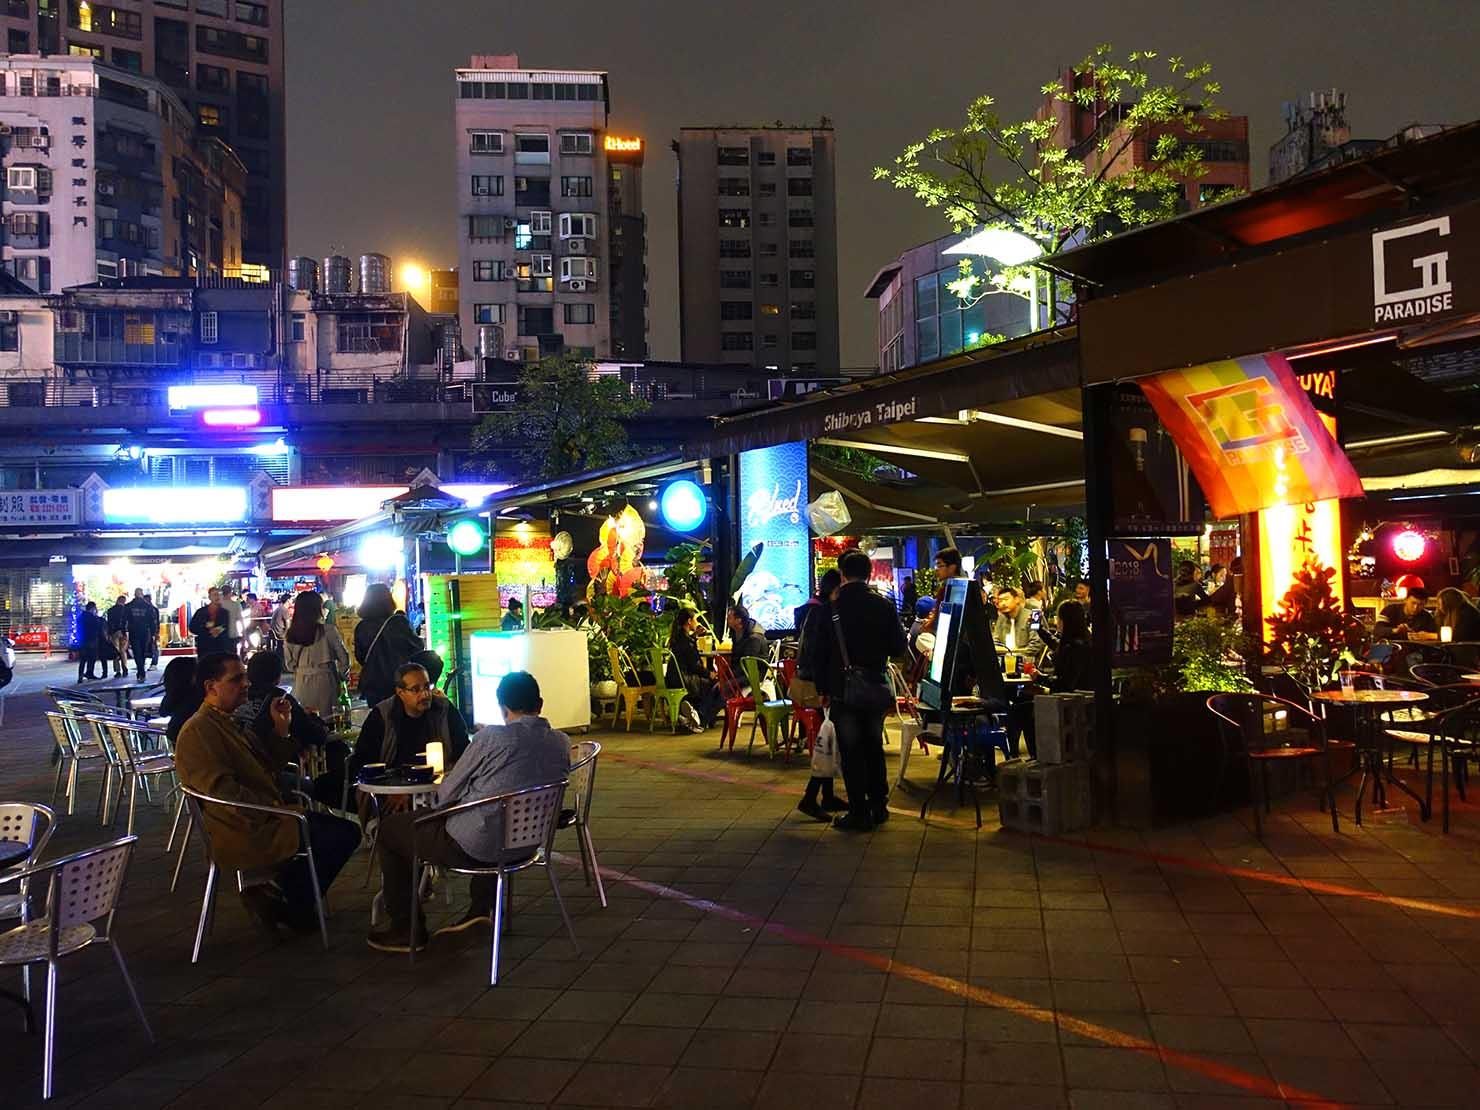 春節(旧正月)を迎えたの台北の観光スポット「西門紅樓」